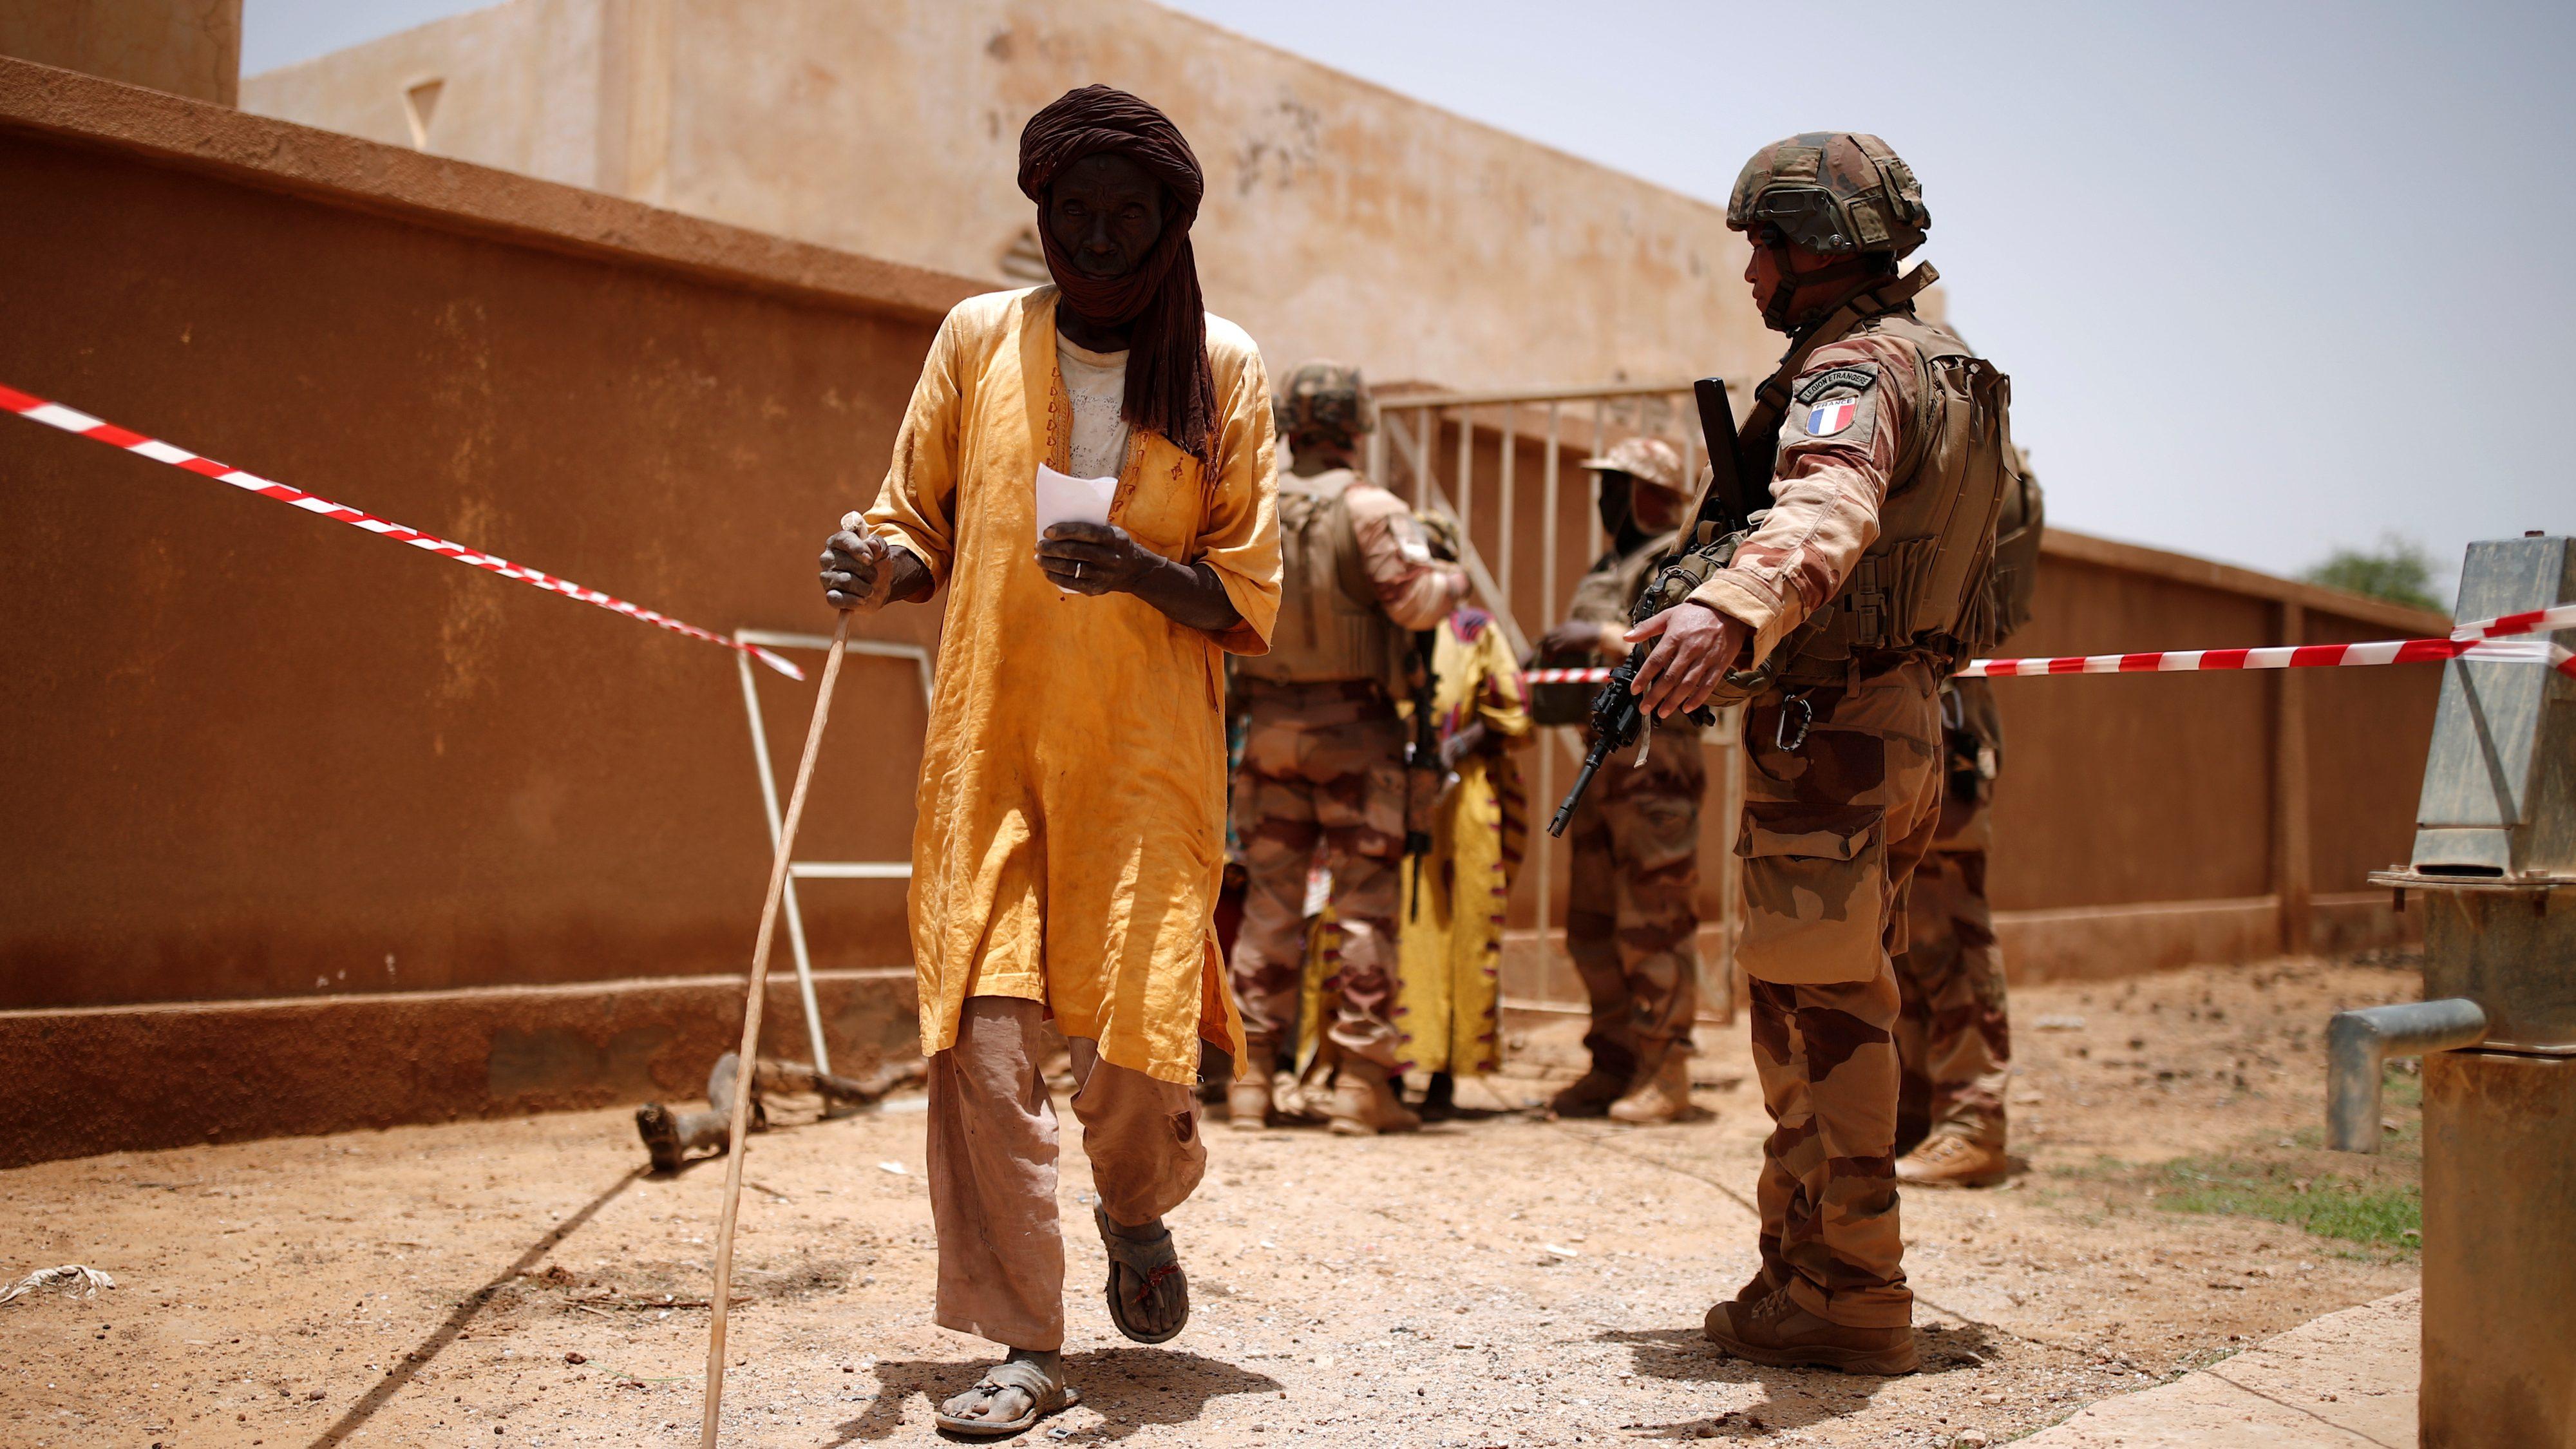 Tropas das Forças Armadas do Mali e membros de uma unidade médica militar francesa realizam uma operação de assistência à população local durante a Operação Barkhane em Ndaki